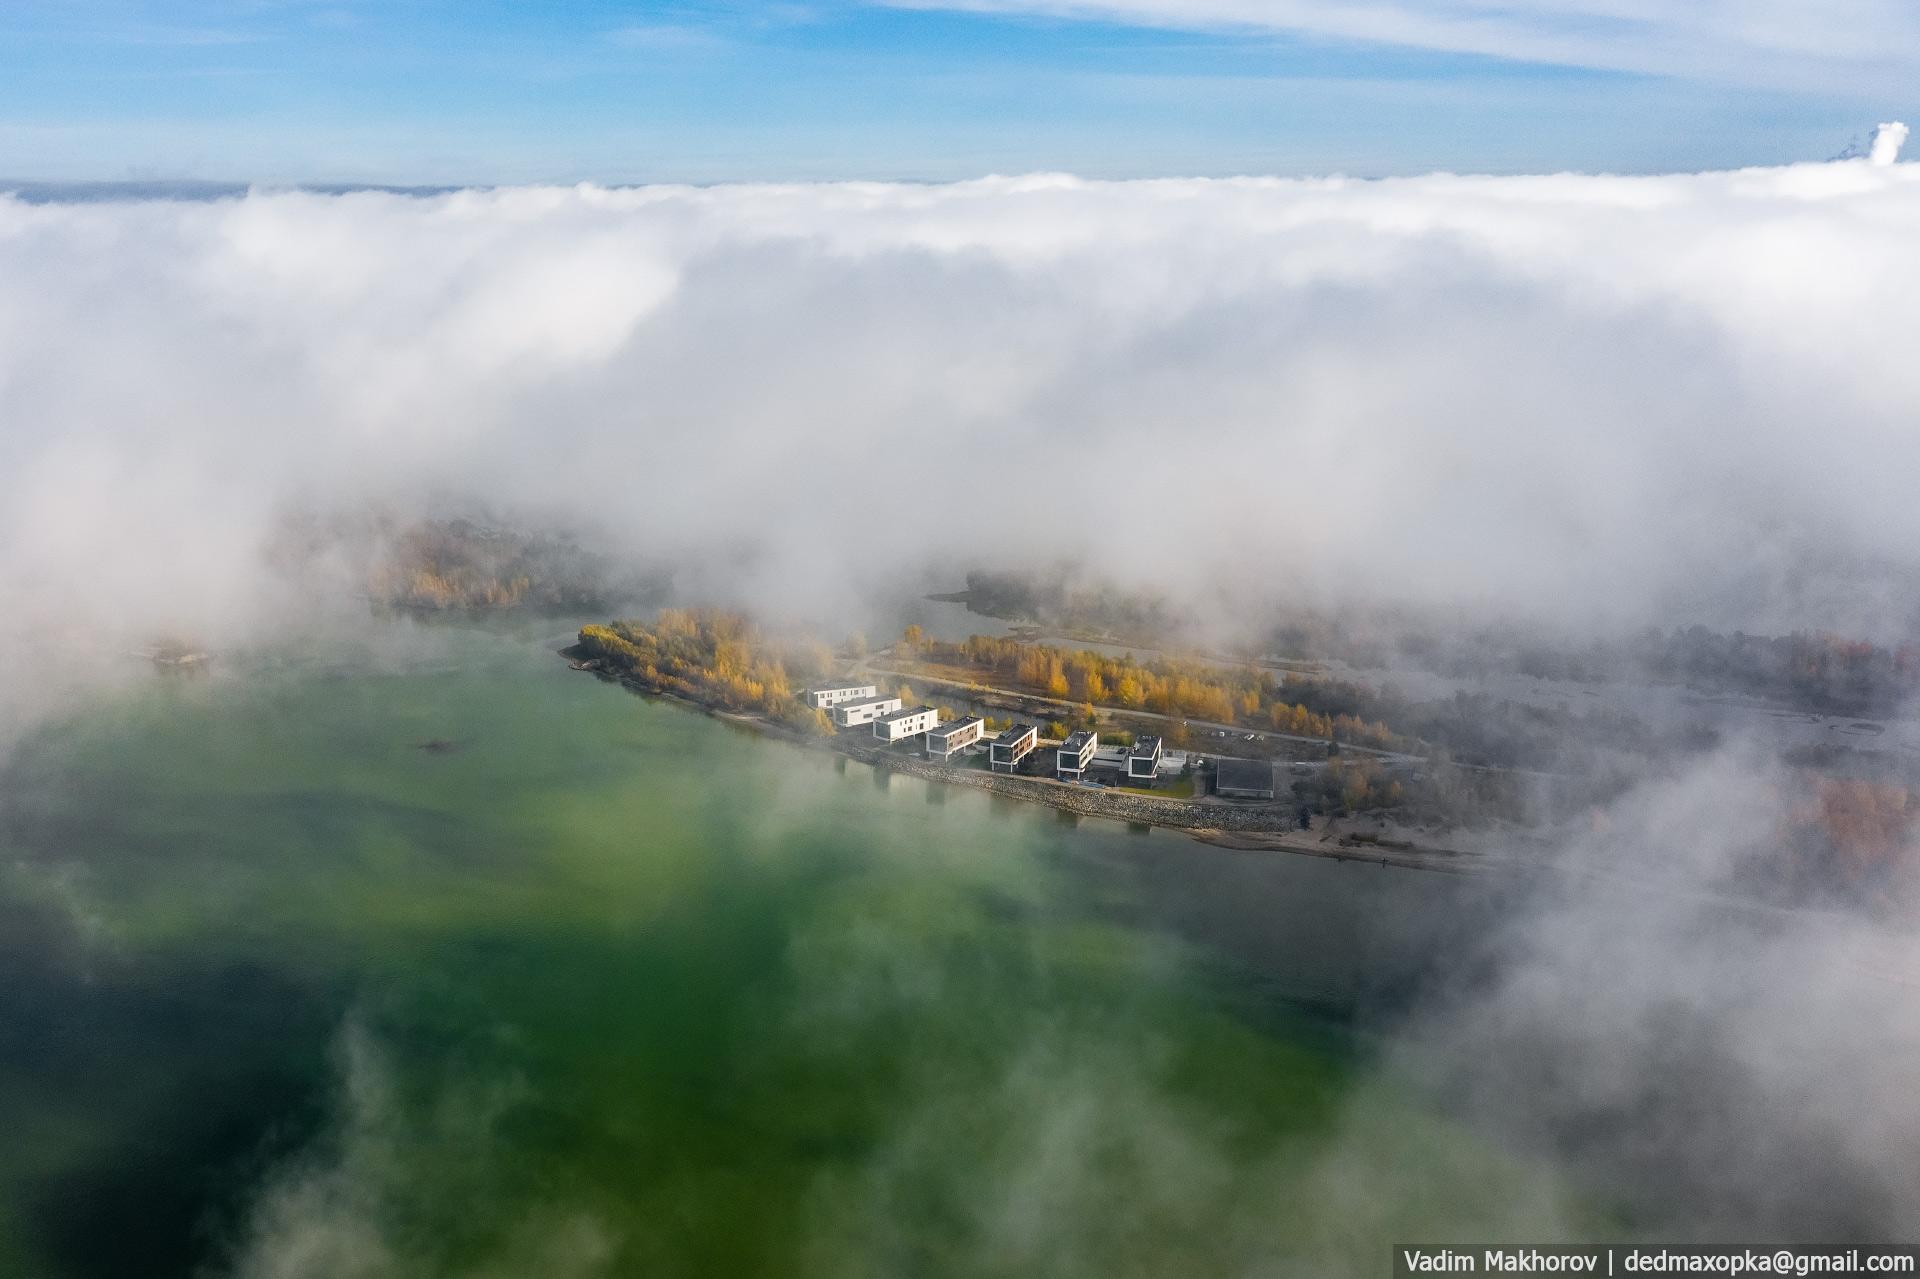 Завораживающее сочетание утреннего тумана и солнечной погоды